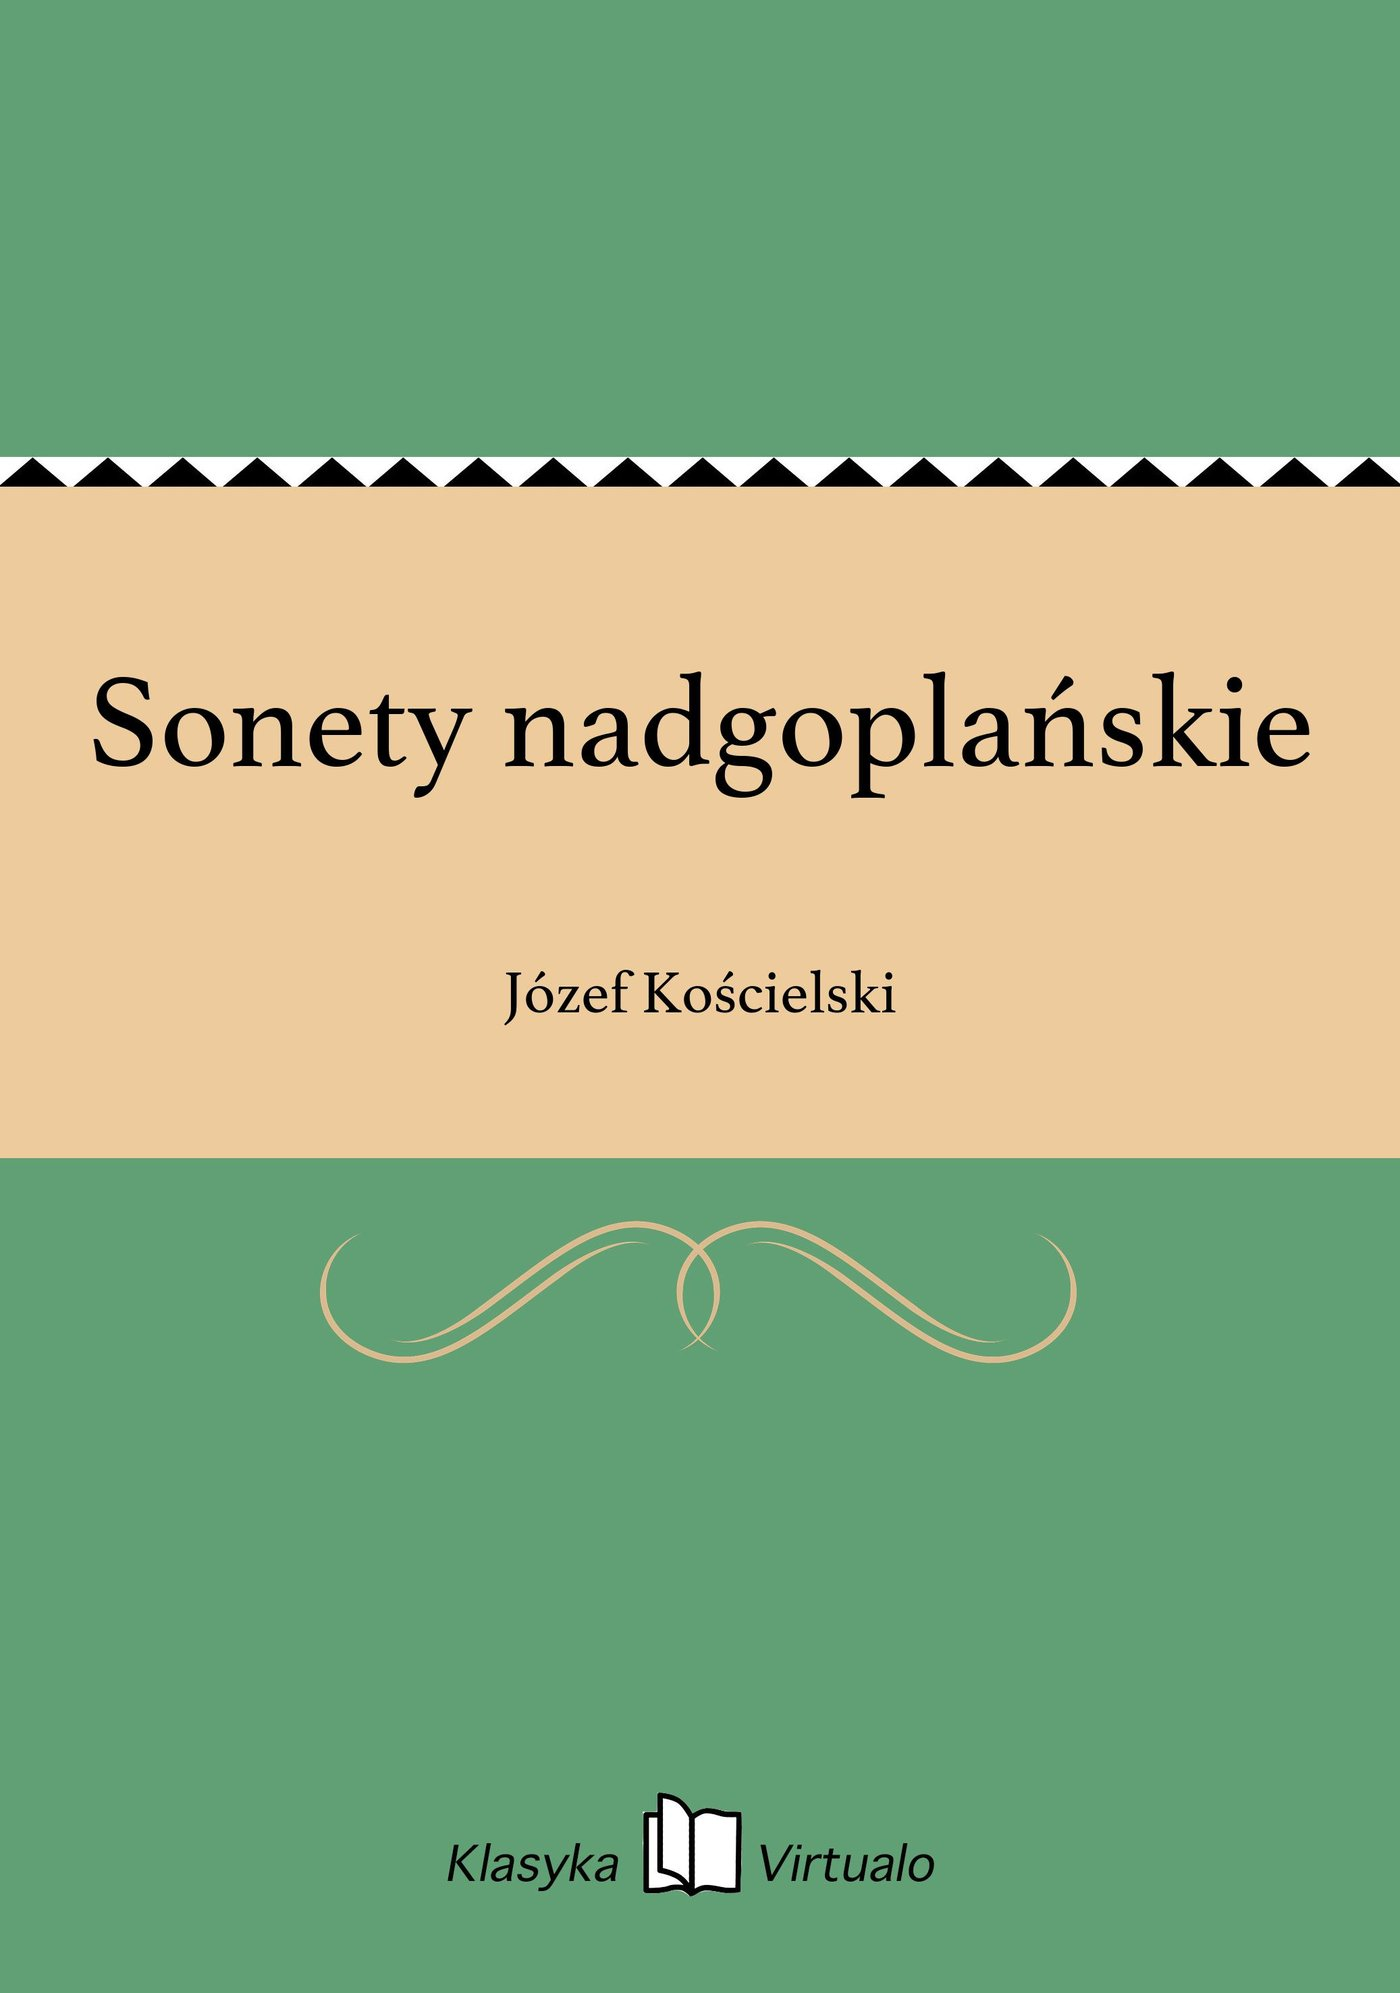 Sonety nadgoplańskie - Ebook (Książka na Kindle) do pobrania w formacie MOBI